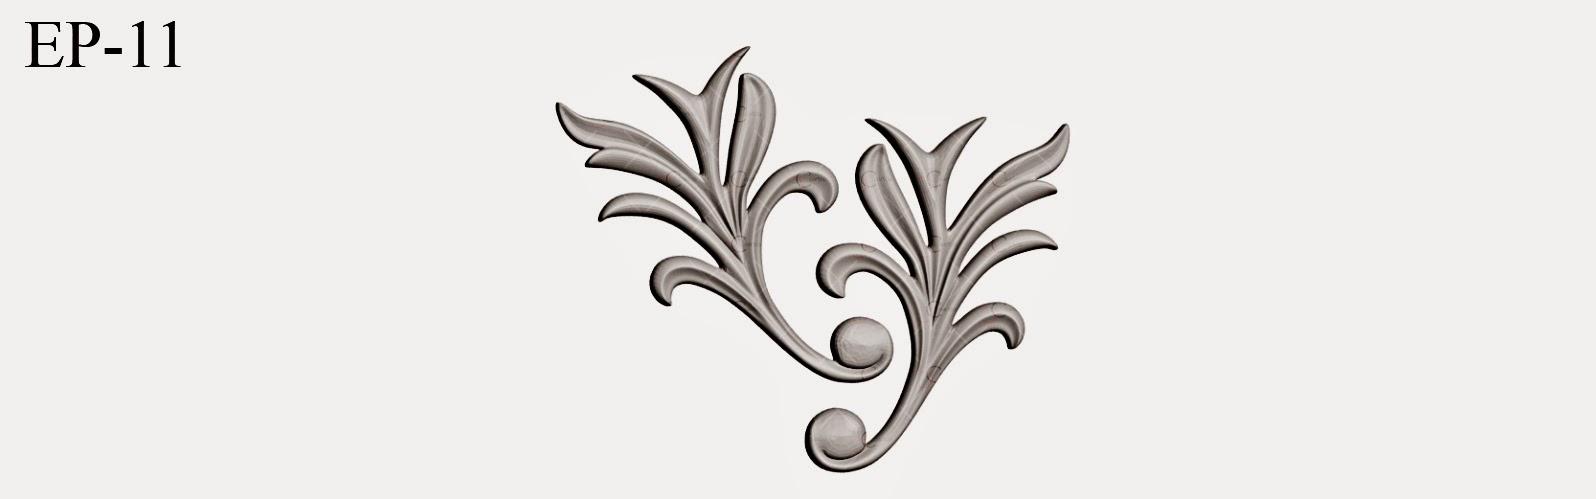 decoratiuni exterioare case, producator profile decorative din polistiren, modele personalizate, pret